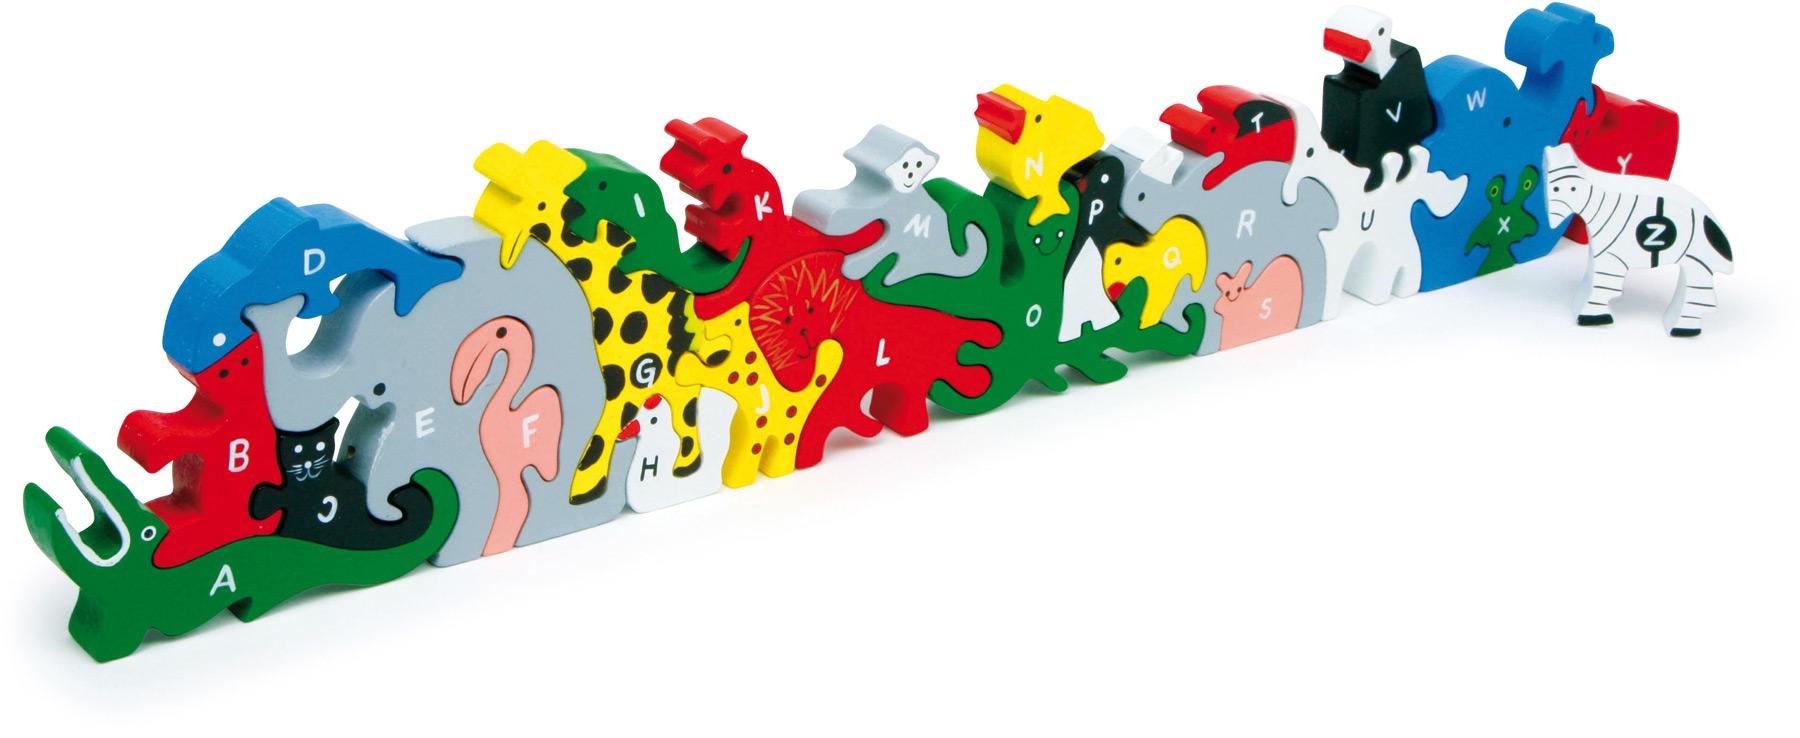 Jeux et Jouets Legler 2020 - Puzzle 3D Animaux lettres et nombres en bois